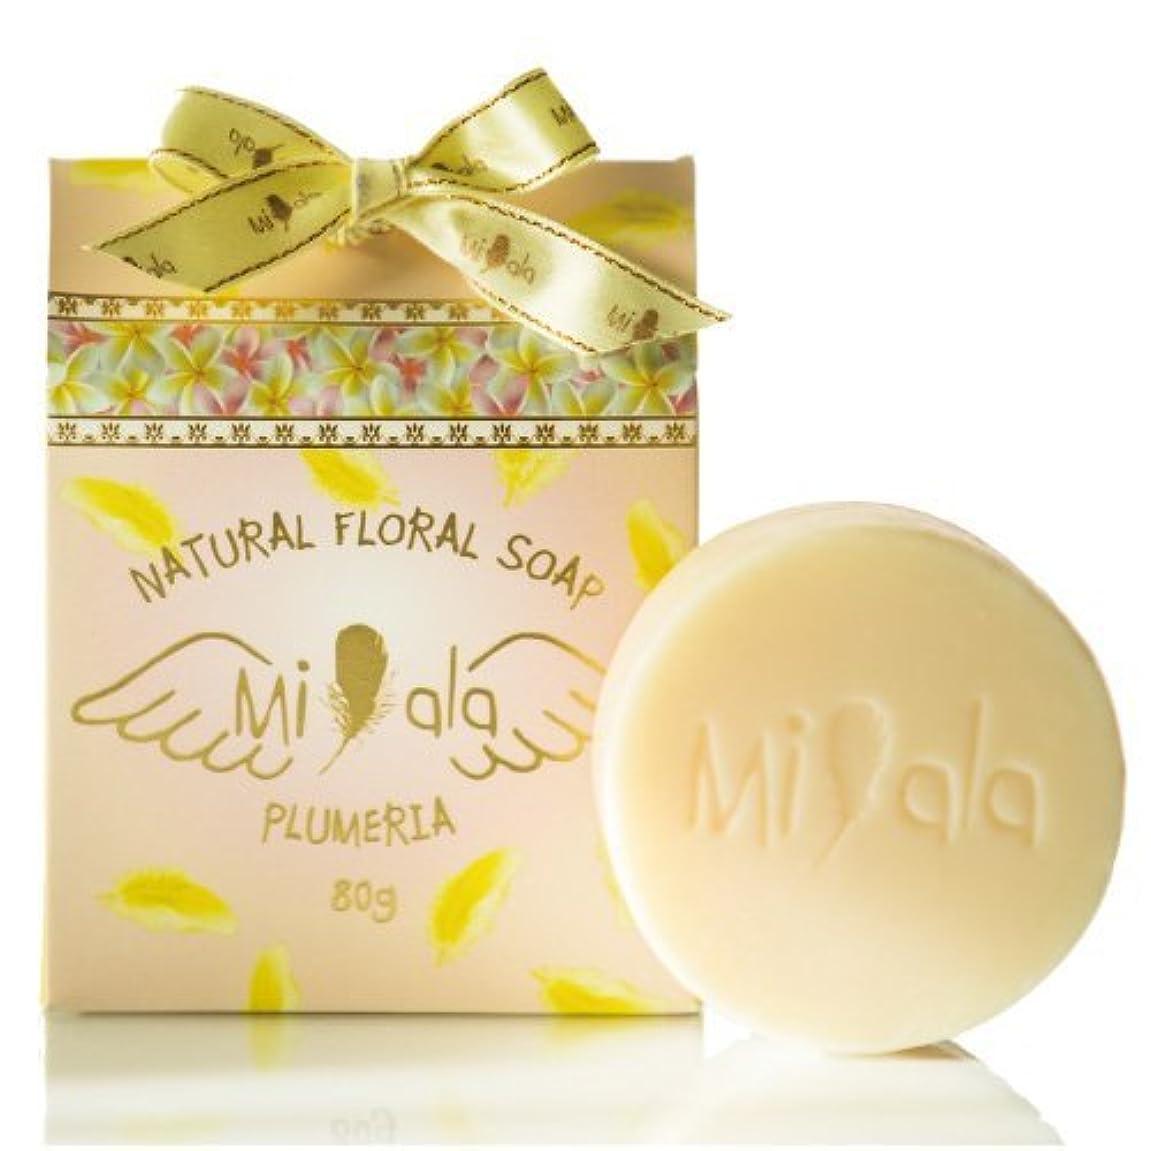 その怒り規制するミアラ フローラルソープ プルメリアの香り 80g